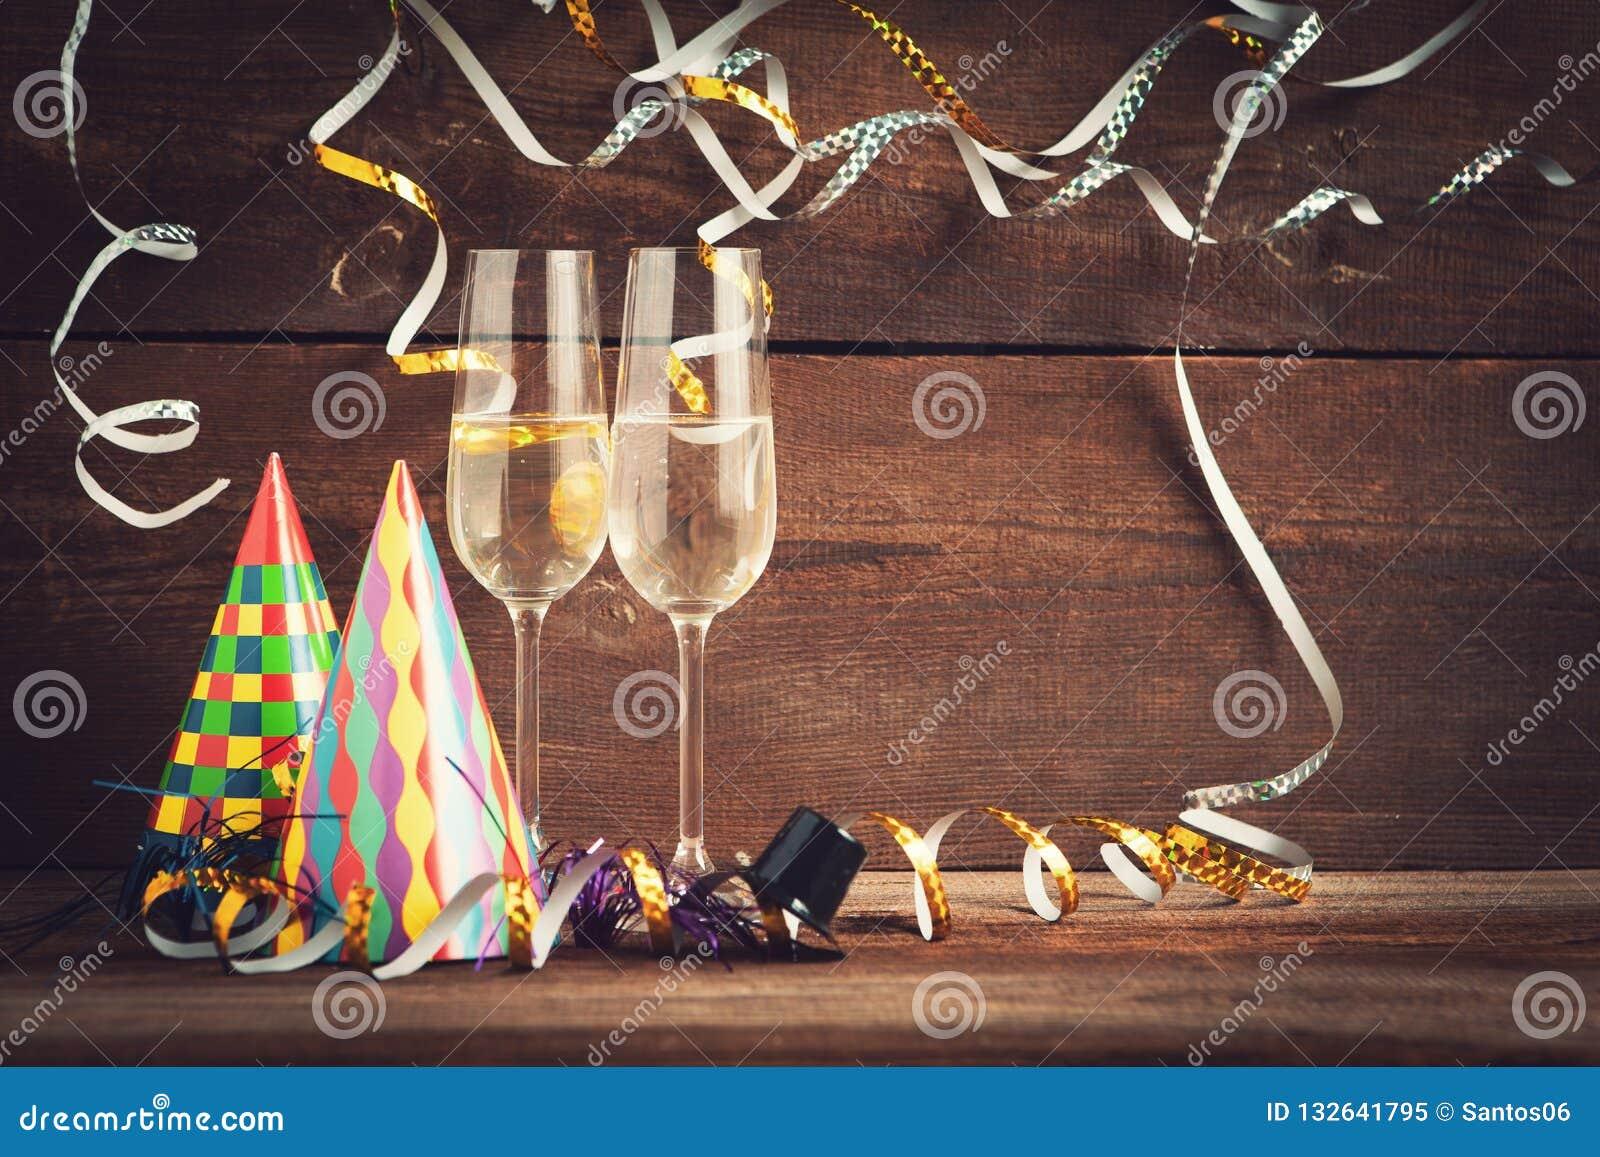 Nya år helgdagsaftonbakgrund